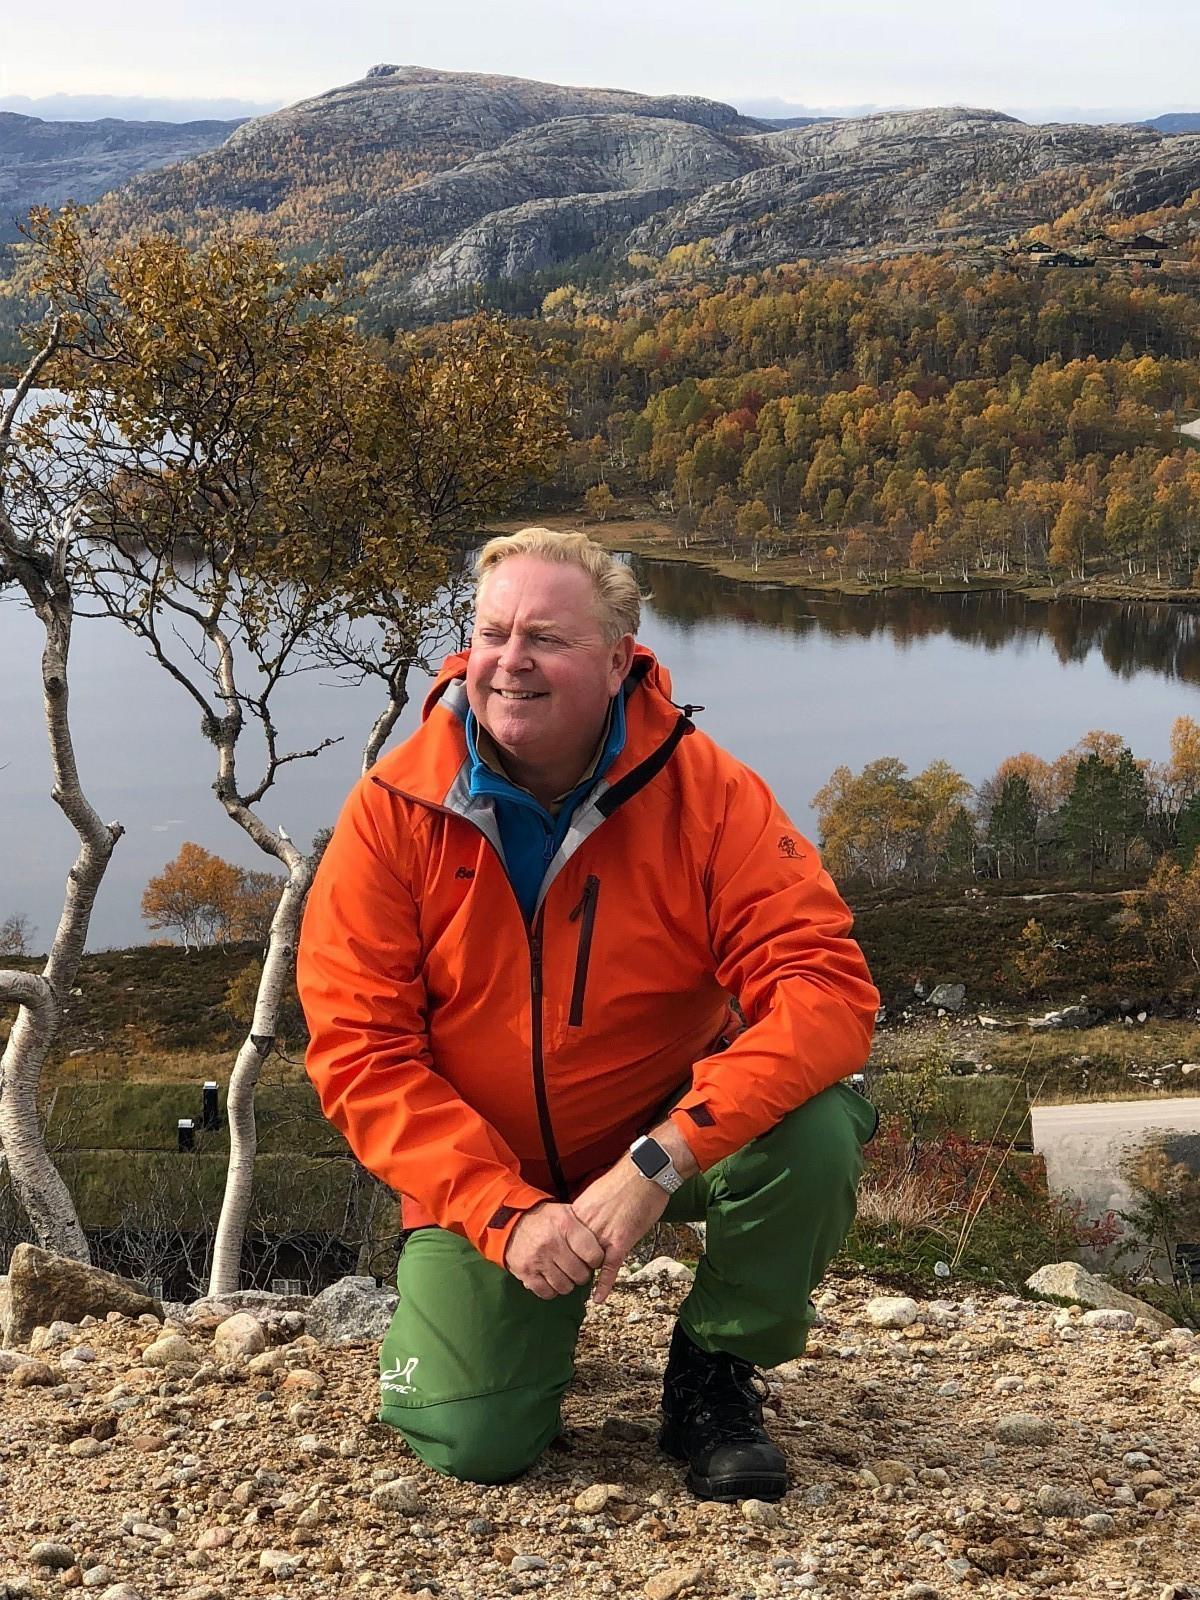 Svein Tore Overå er vår selger på Knaben. Han har solgt hytter på Knaben i snart 15 år, og kjenner området svært godt. Kontakt ham gjerne for en hytteprat på tlf. nr. 478 90009,  eller send ham en epost på: sveintore@simonsande.no